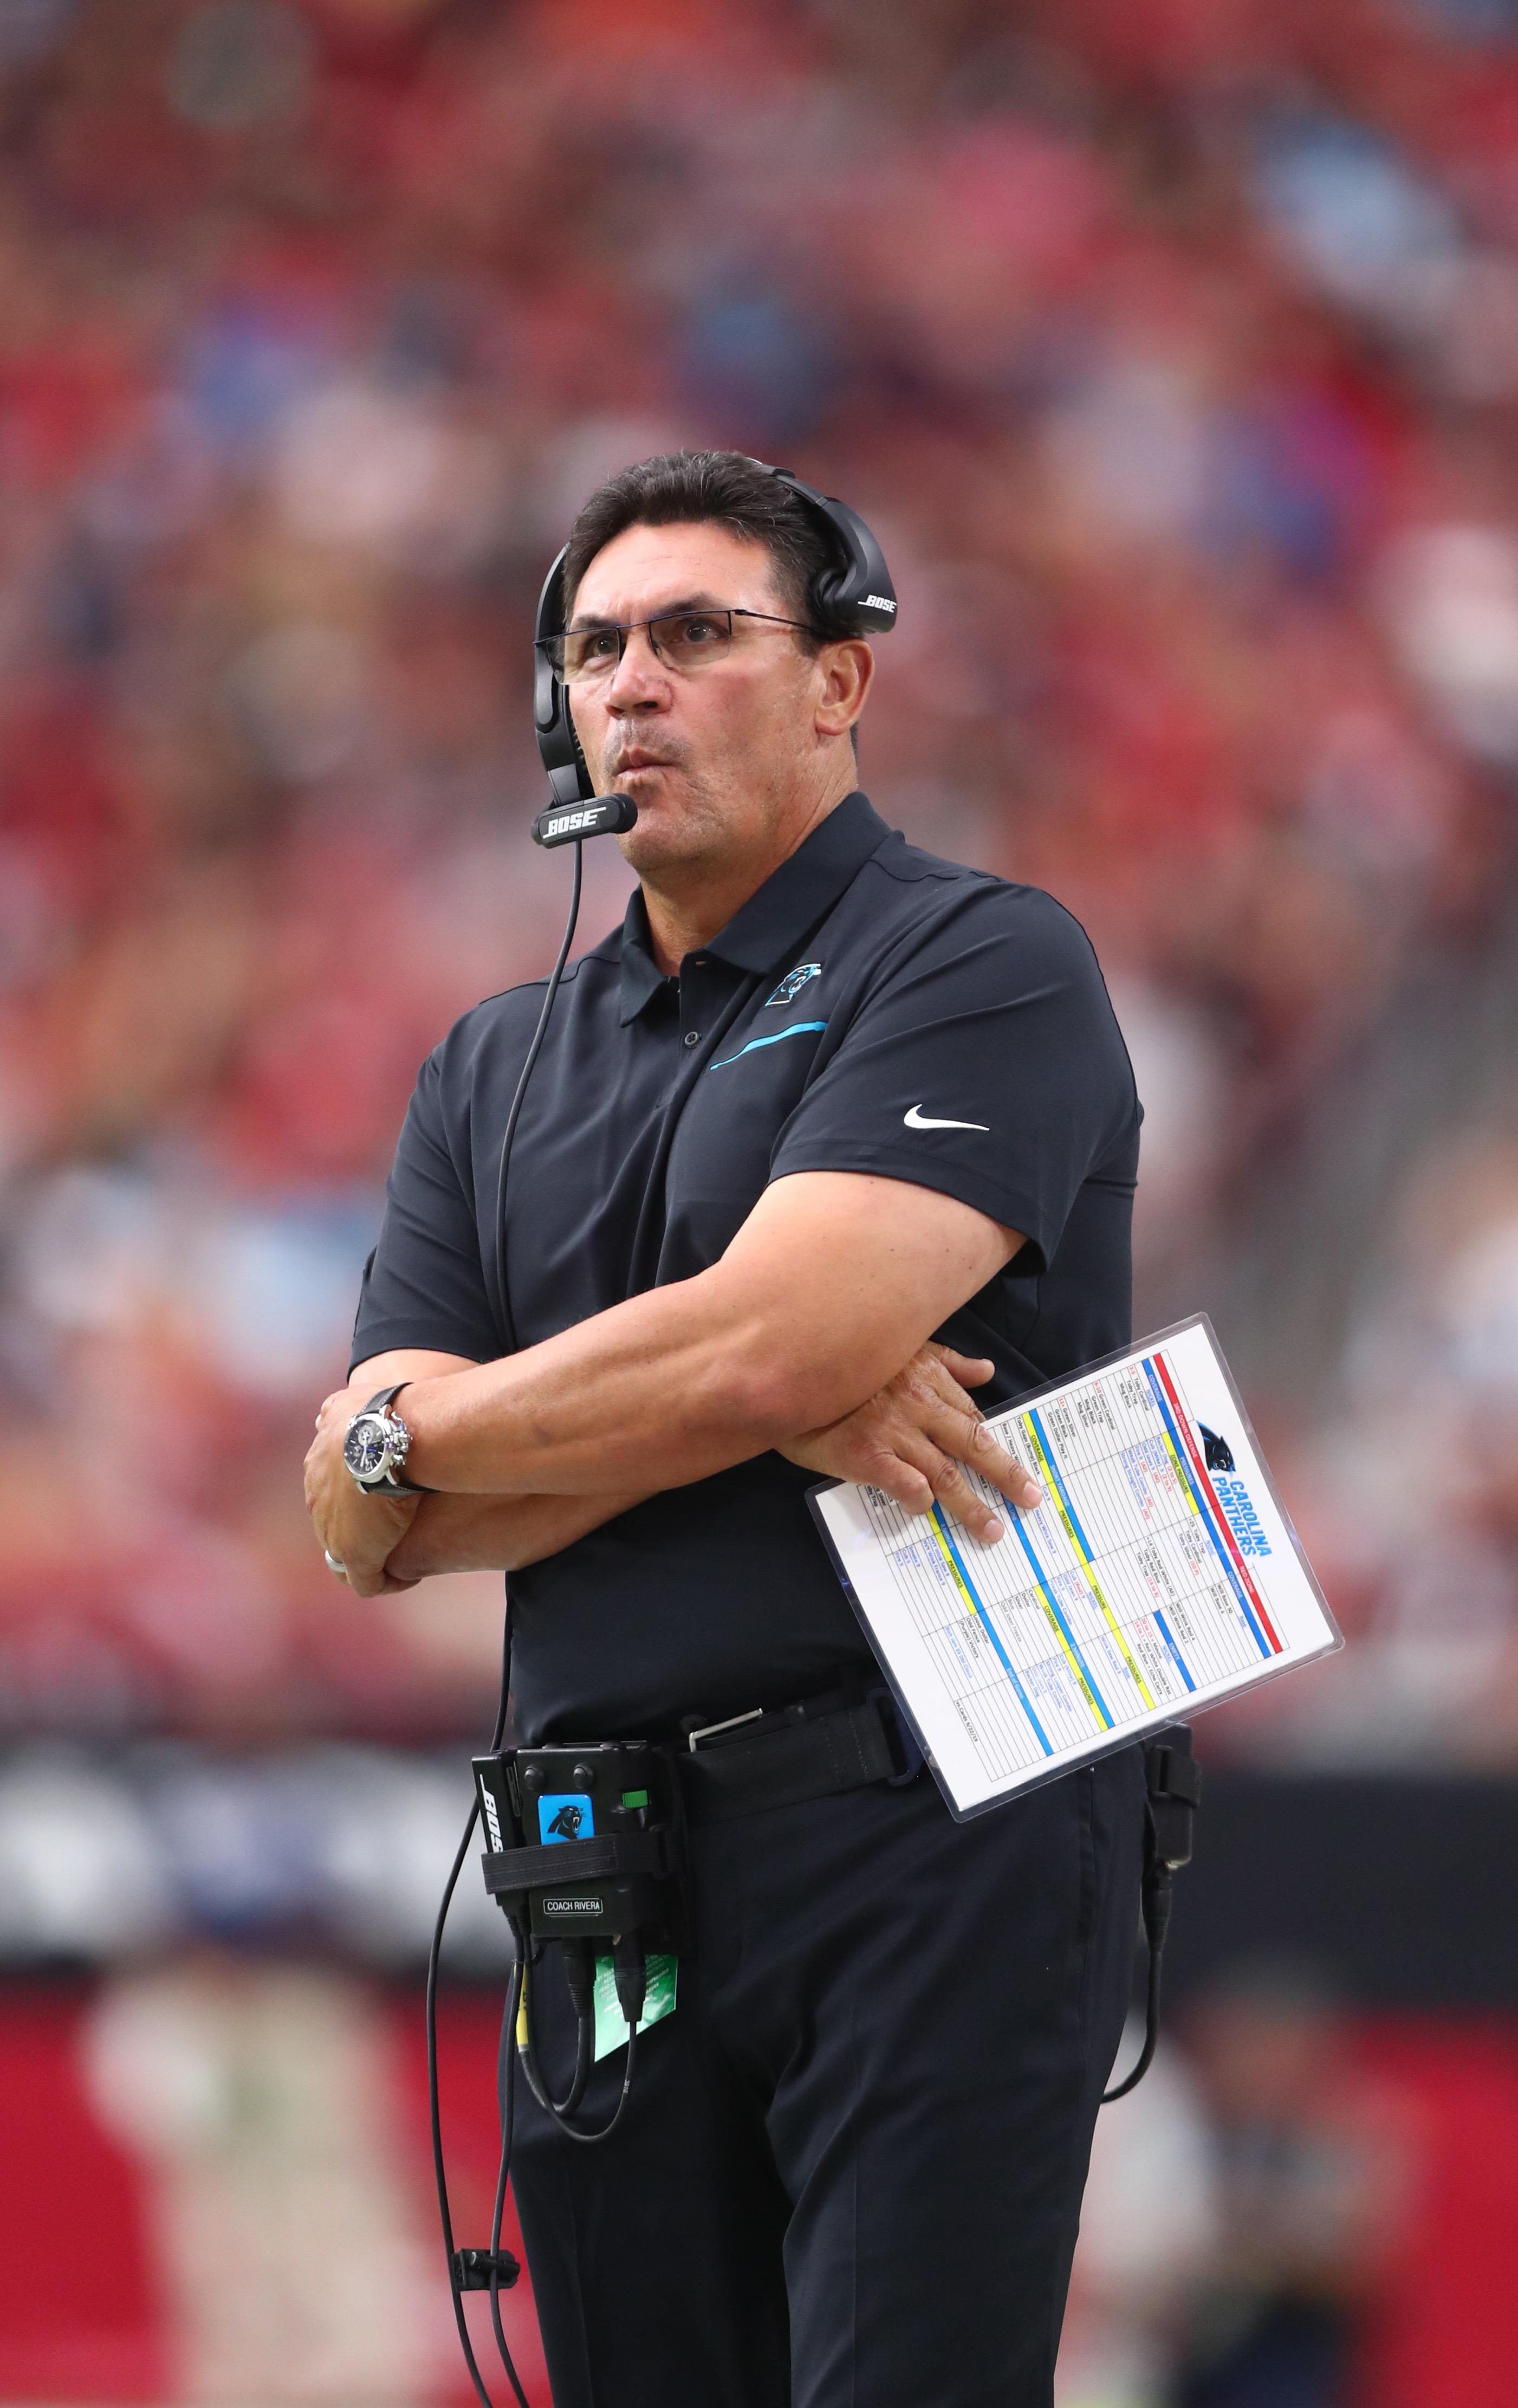 NFL: Carolina Panthers at Arizona Cardinals